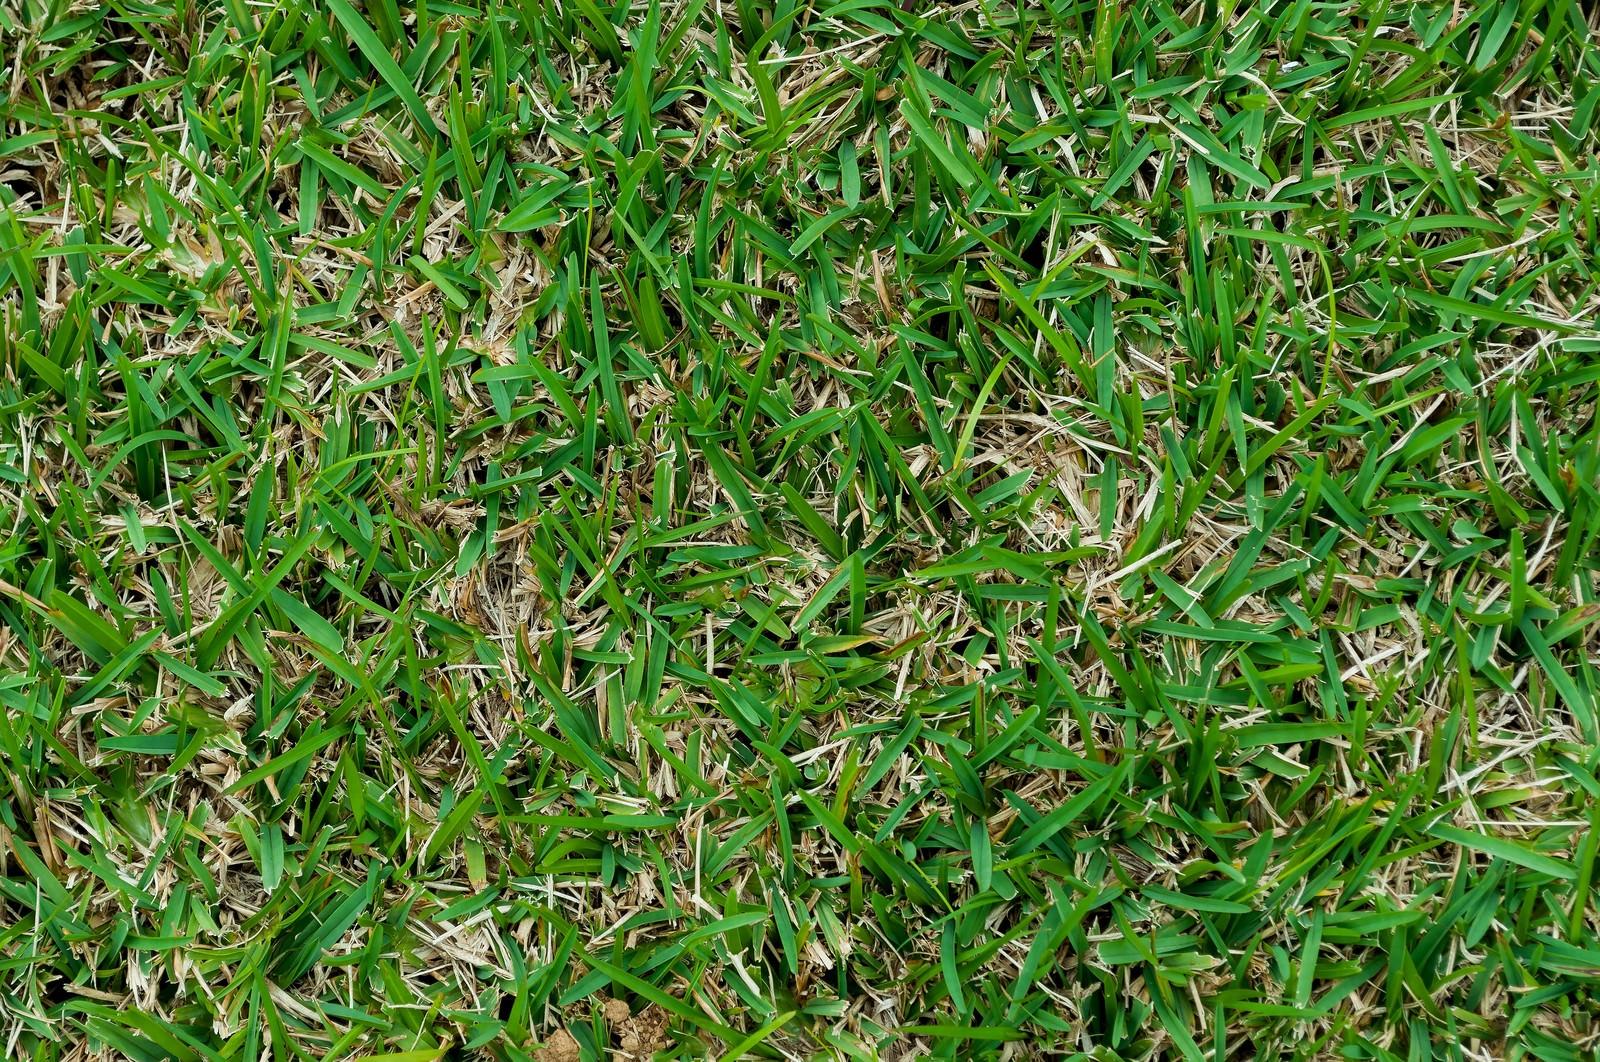 「芝生のテクスチャー」の写真